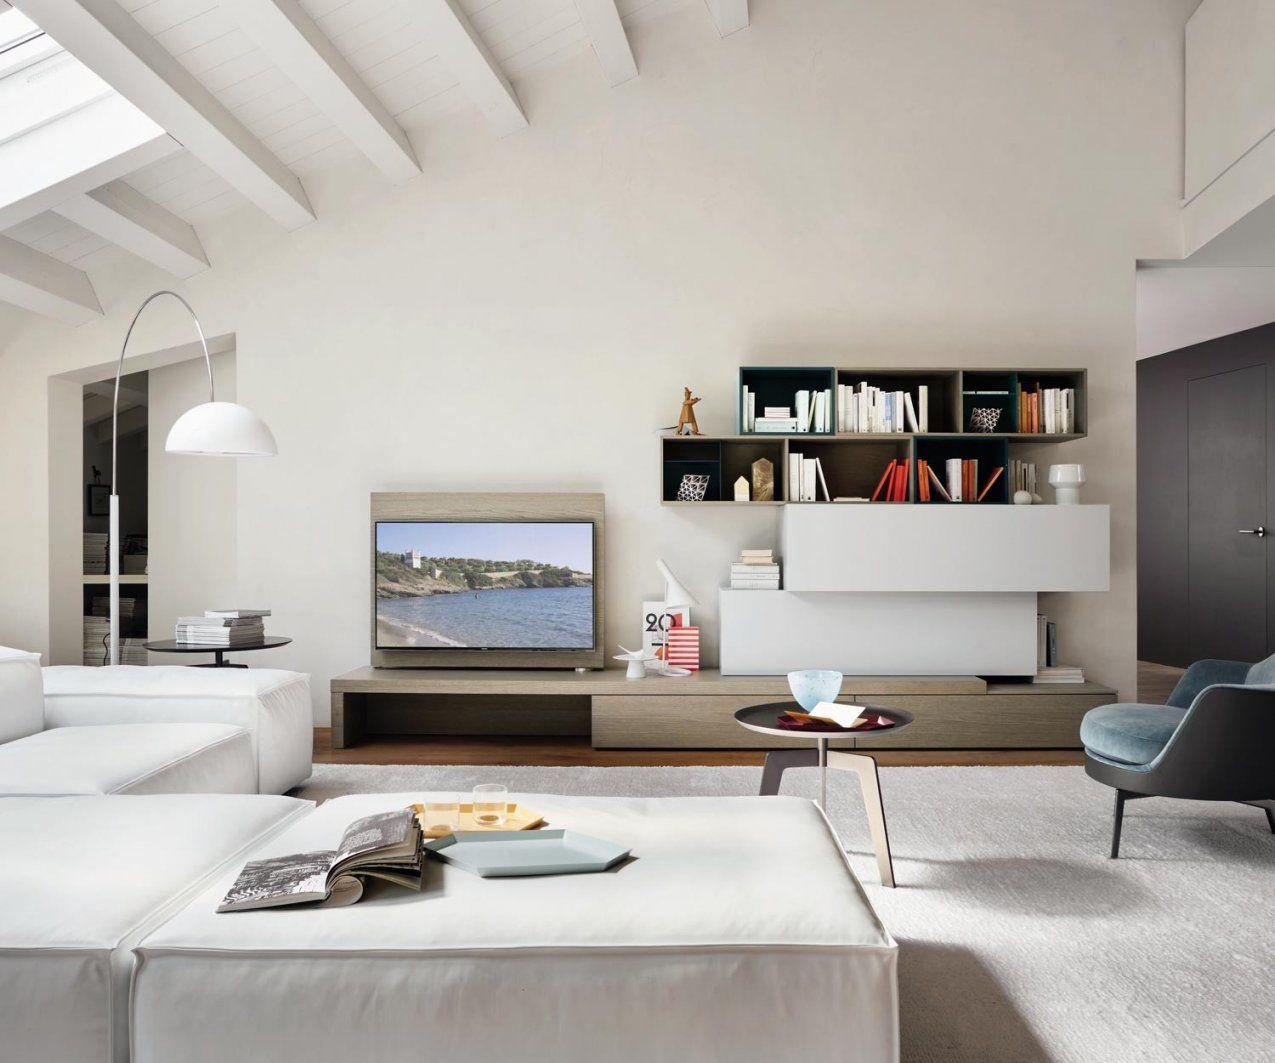 Wohnwand C44 Mit Tv Paneel Und Schreibtisch von Wohnwand Mit Integriertem Schreibtisch Photo